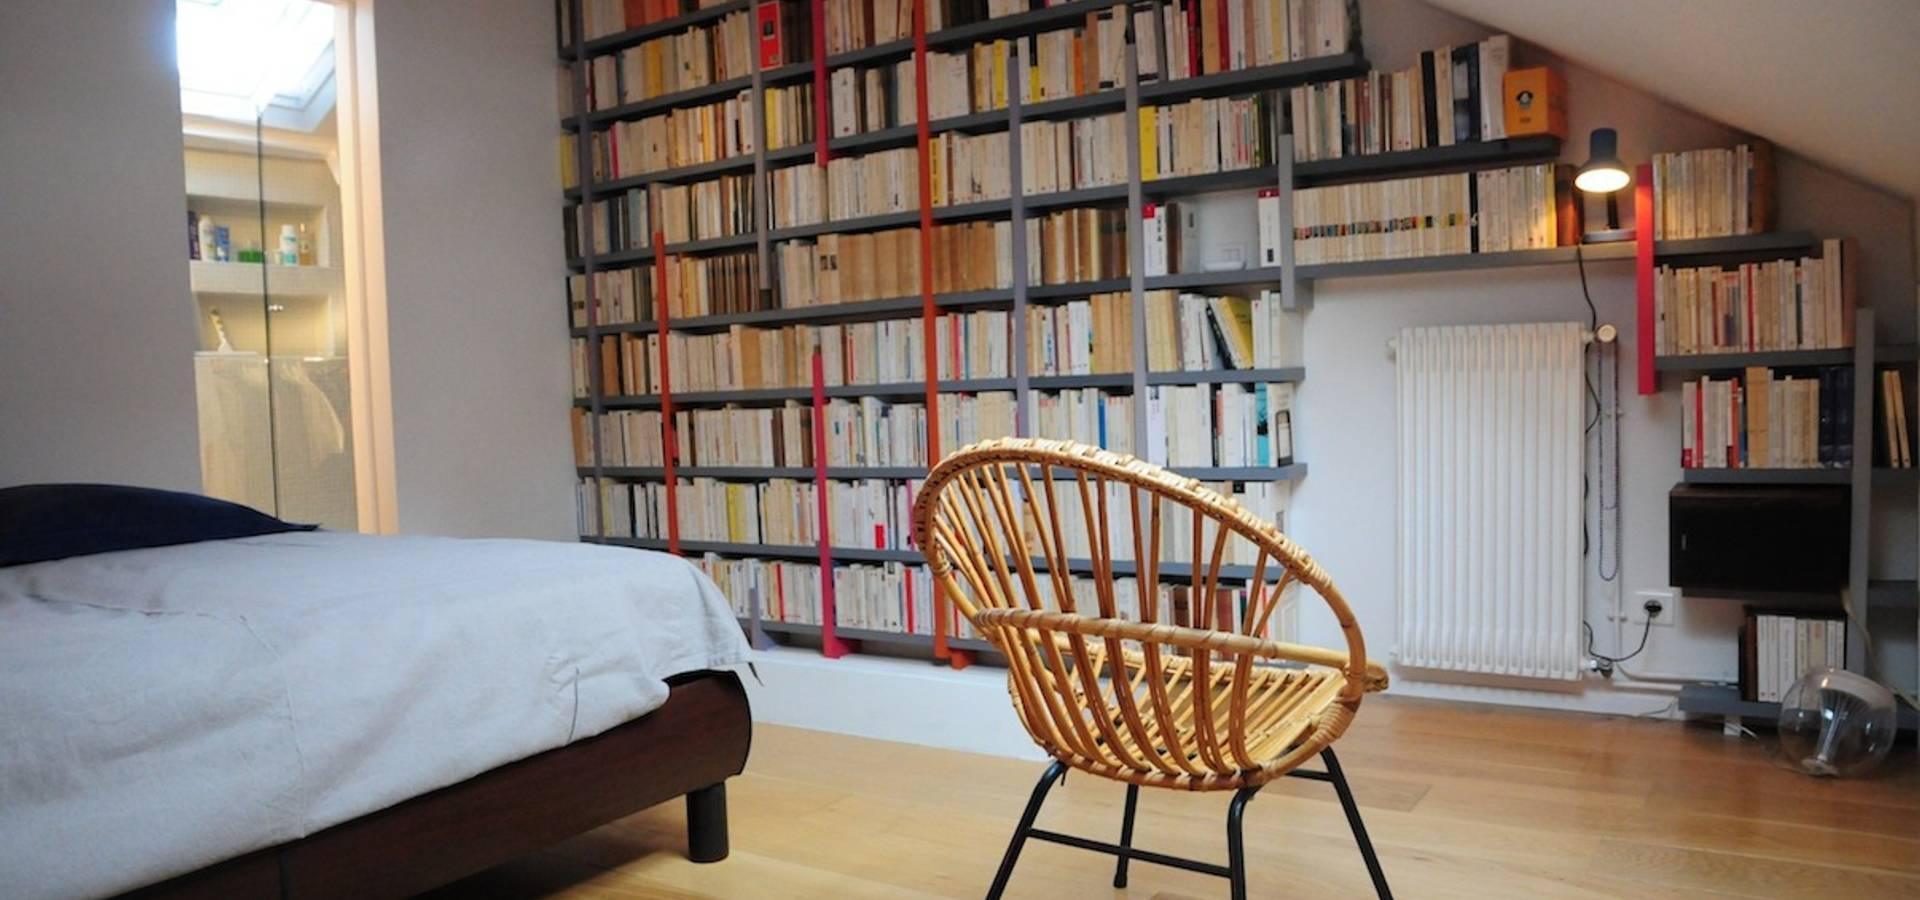 tony lem le int rieurs architectes d 39 int rieur paris sur homify. Black Bedroom Furniture Sets. Home Design Ideas